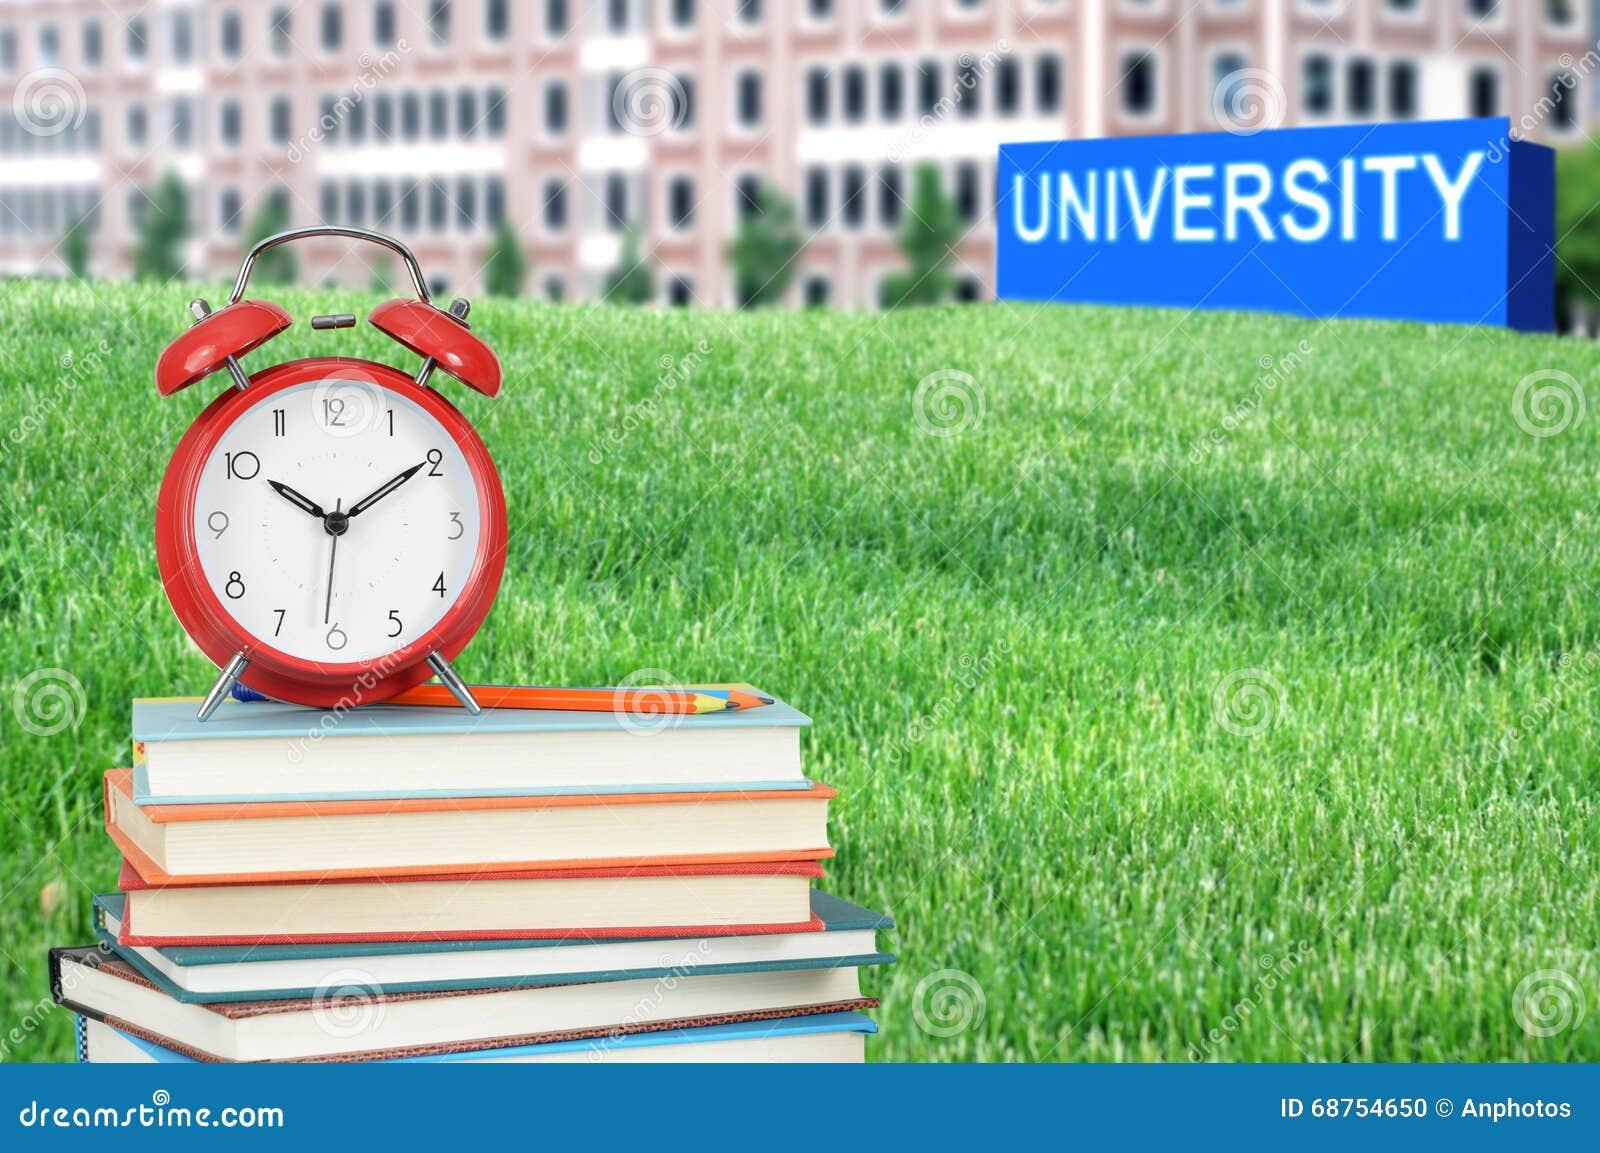 Pojęcie wykształcenie wyższe